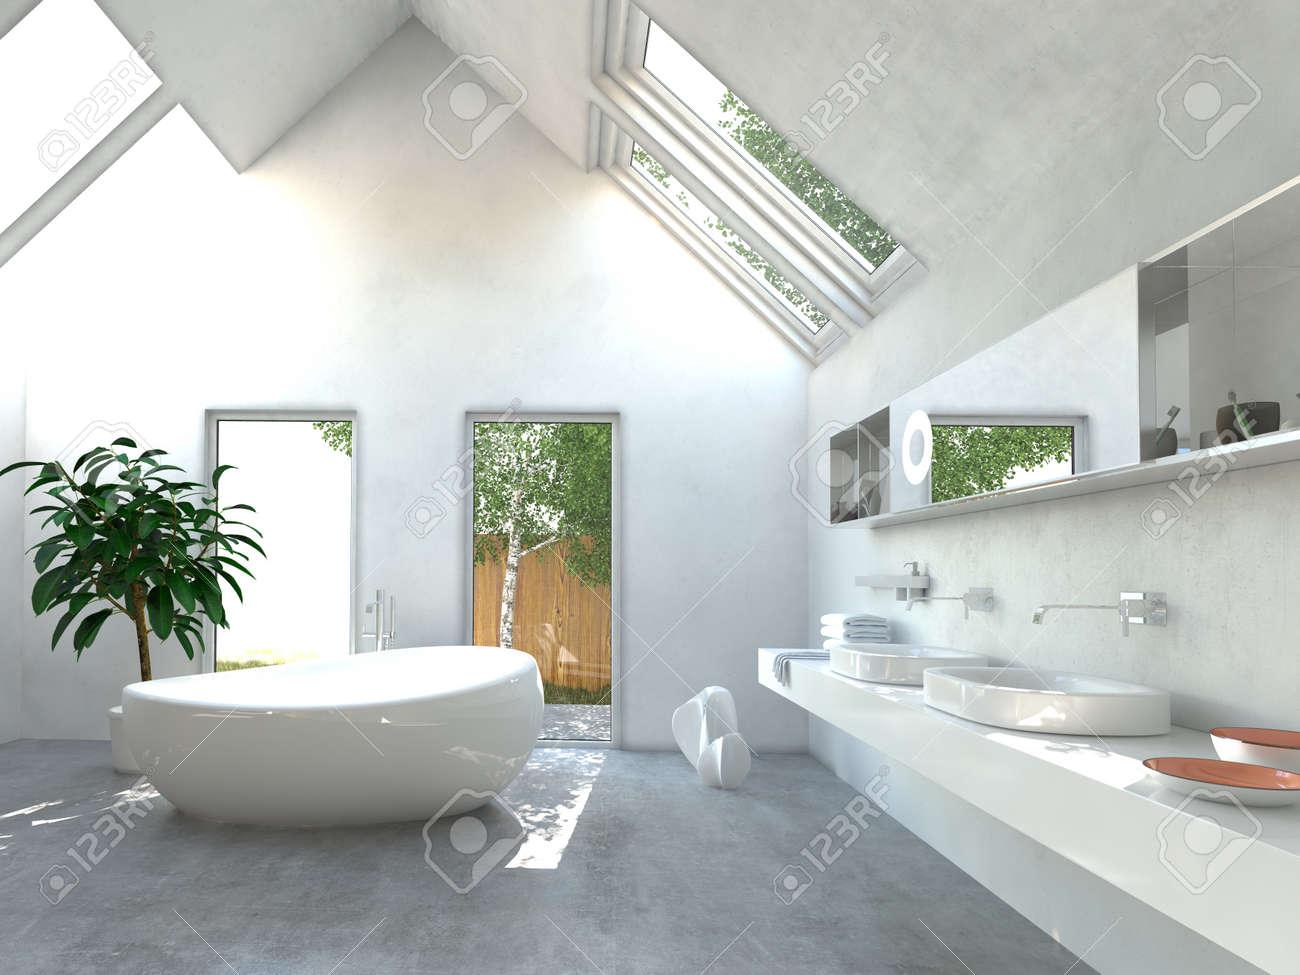 luce moderno bagno interno luminoso con parete doppia unità di ... - Luce Vasca Da Bagno